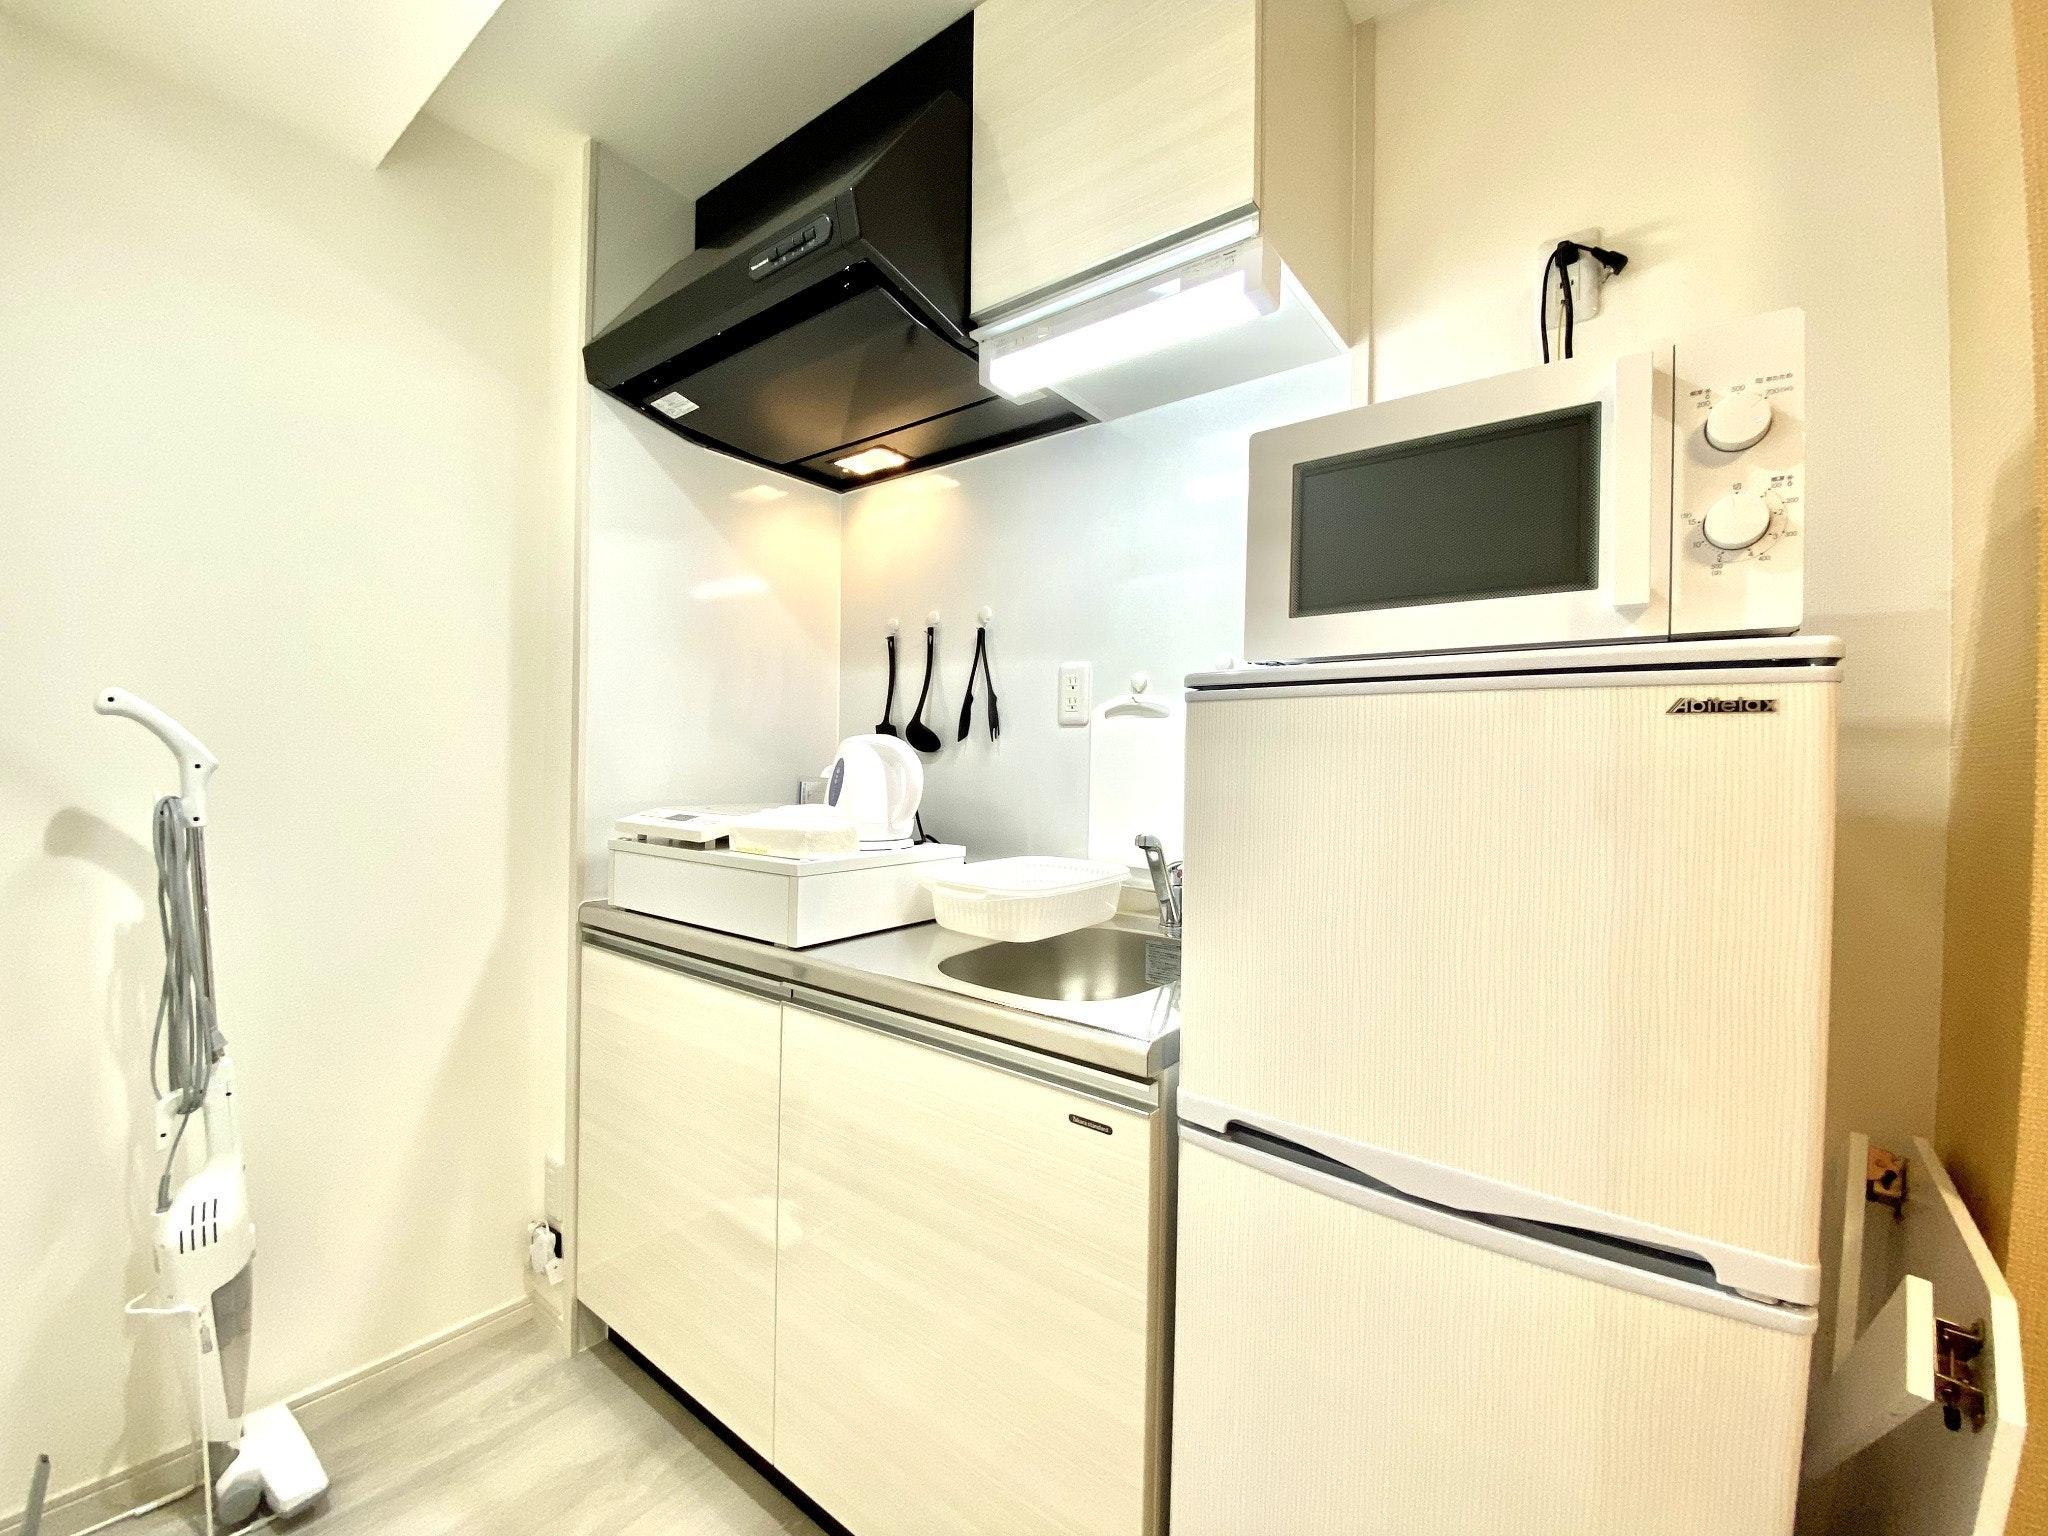 国際通り徒歩2分のワンルームアパートメントホテル☆2階☆